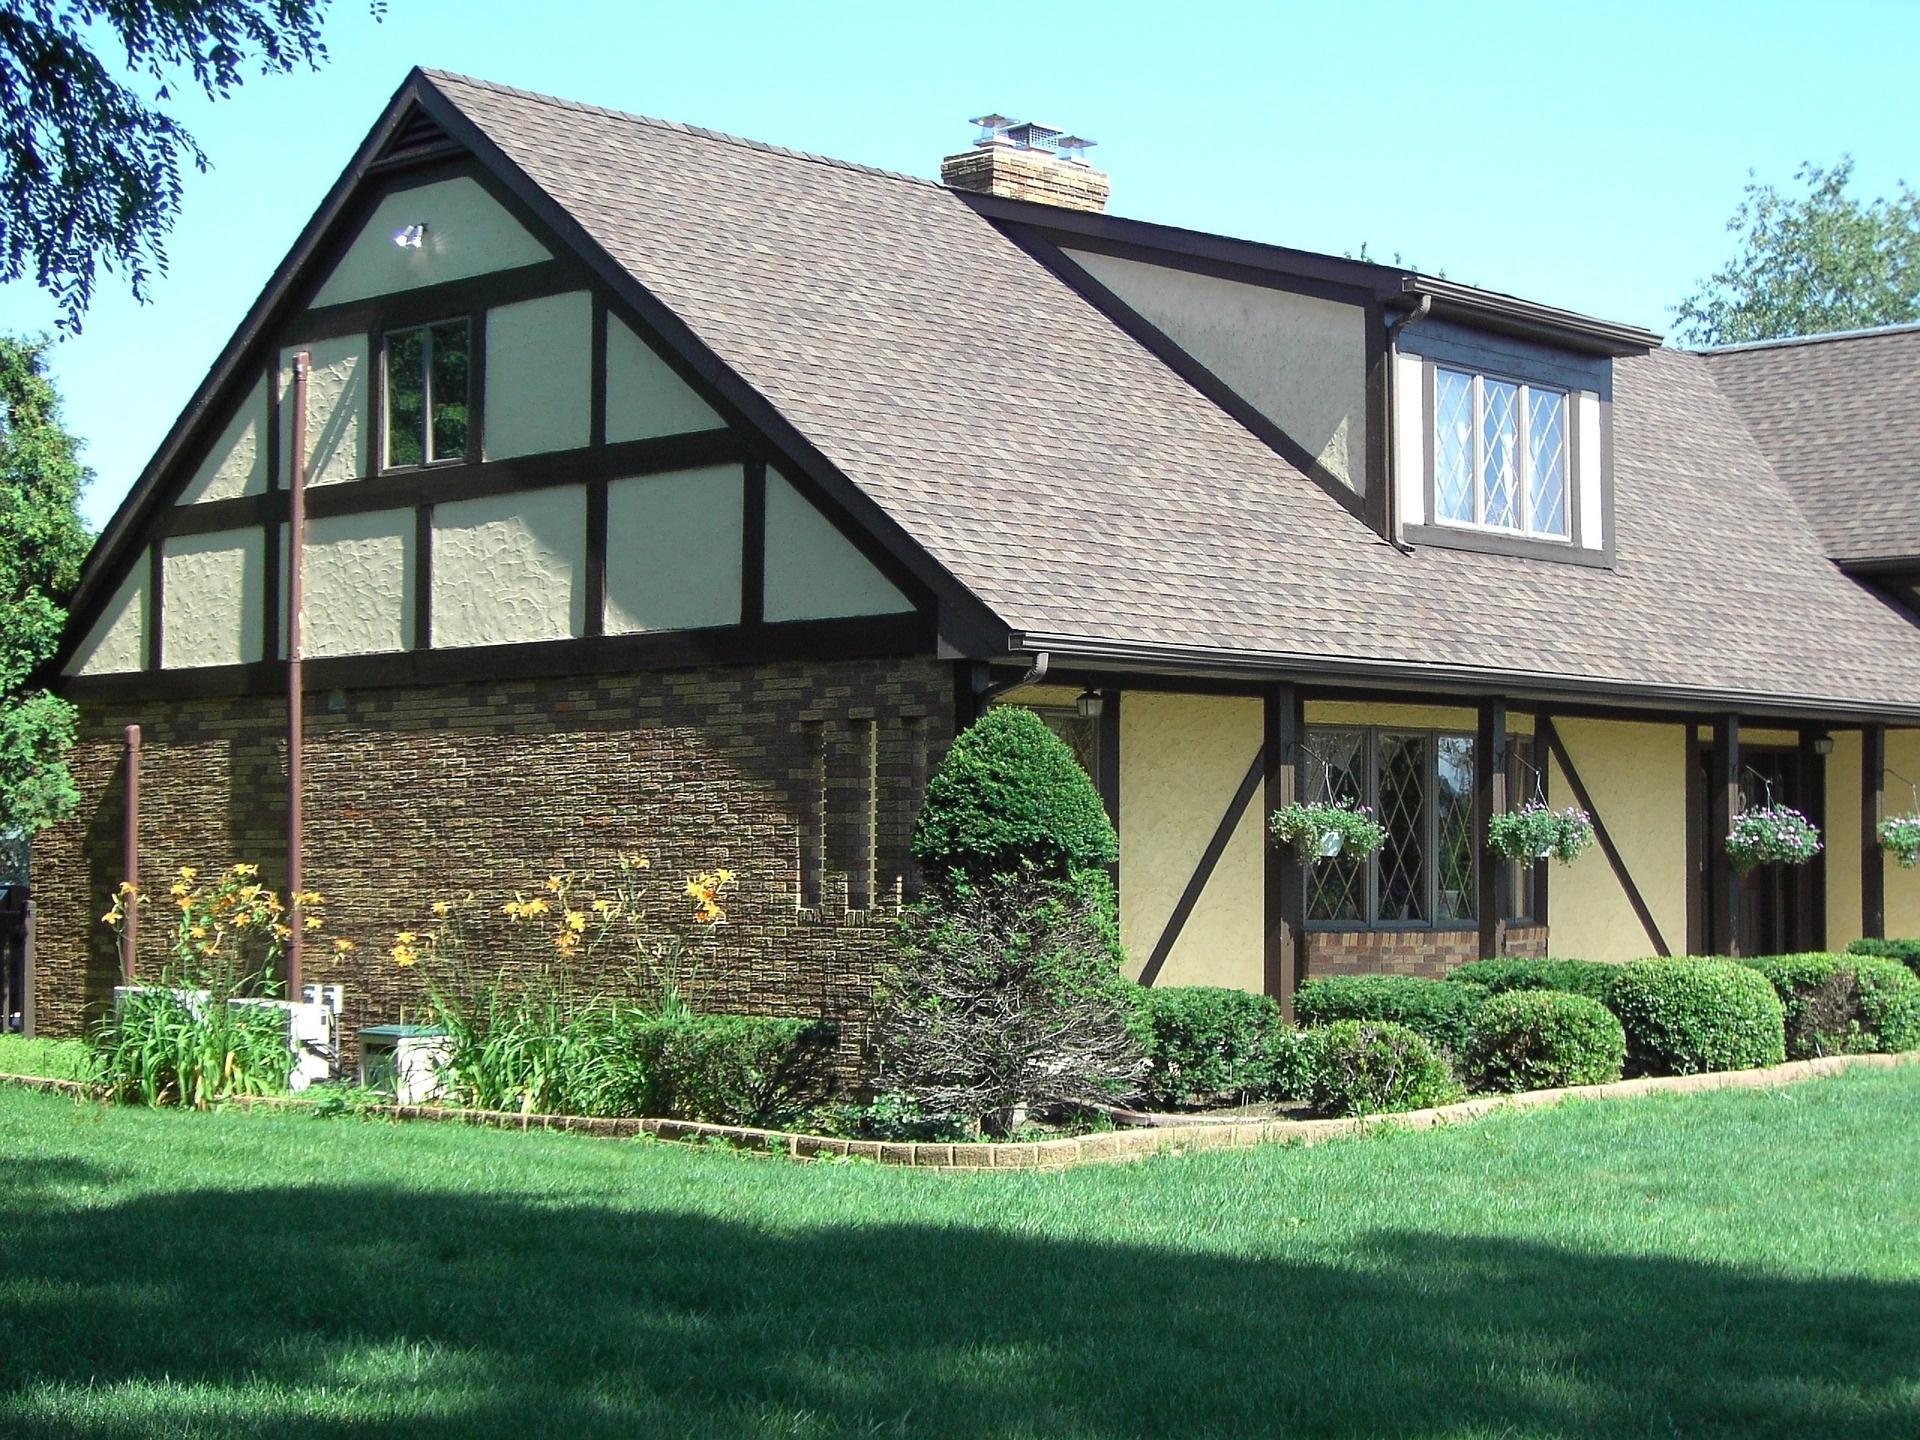 Entdeckst Du nach dem Kauf einer Immobilie versteckte Mängel, ist das nicht nur besonders ärgerlich sonder auch teuer. Eine Rechtschutzversicherung hilft, teure Überraschungen zu vermeiden.